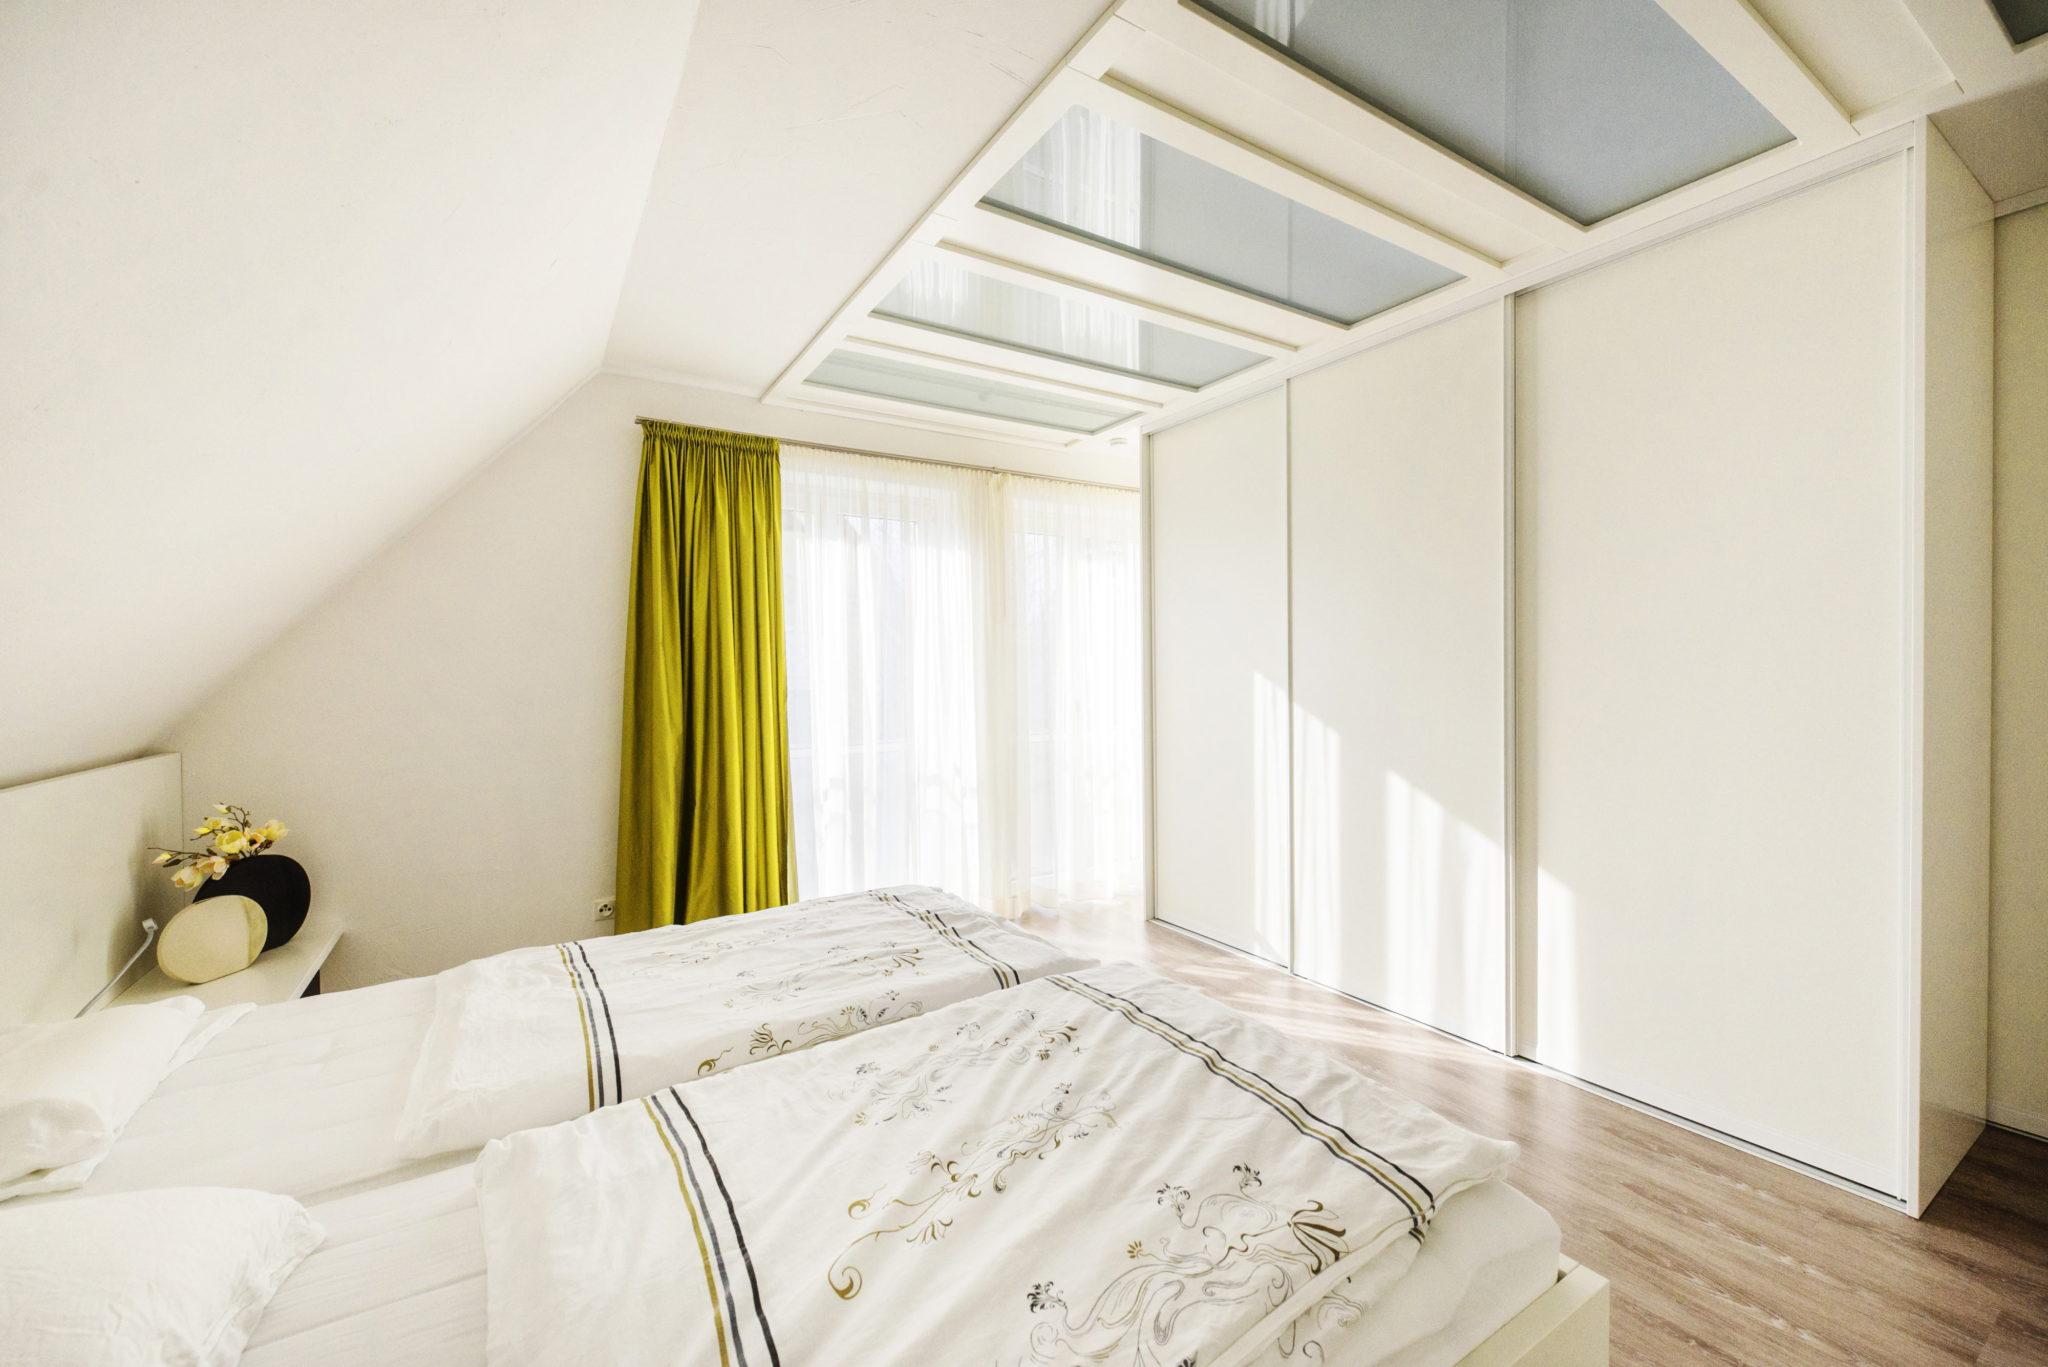 Viel-Licht-im-Schlafzimmer